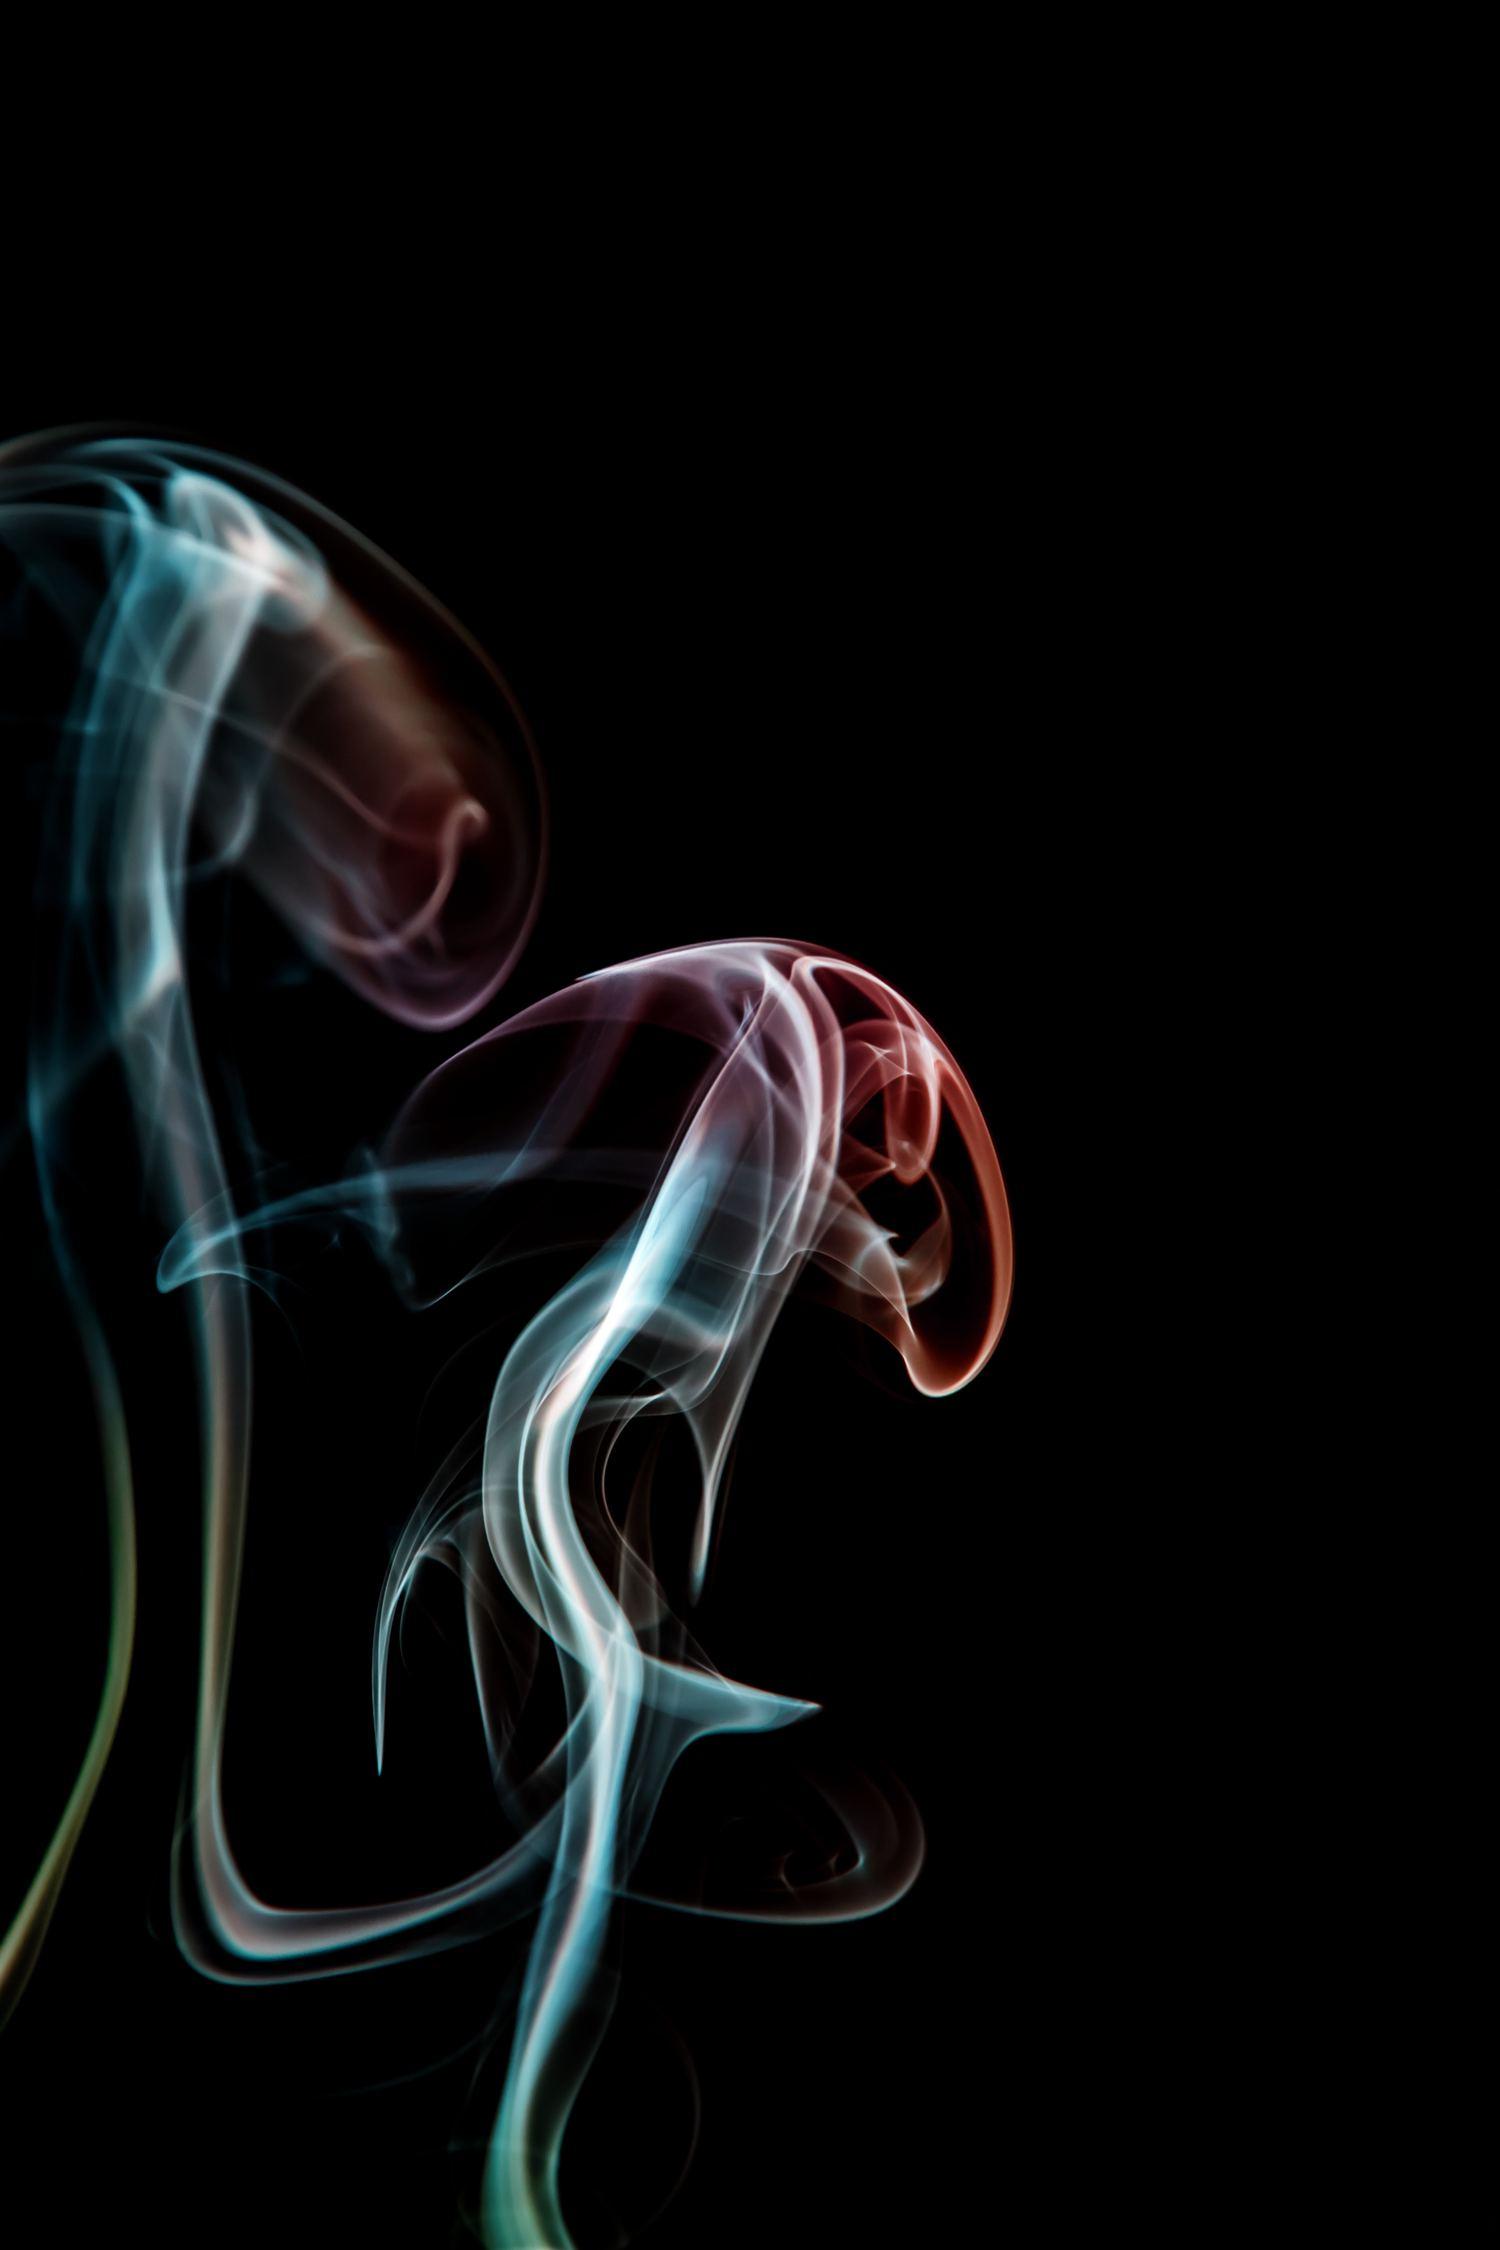 fotografía humo clave baja